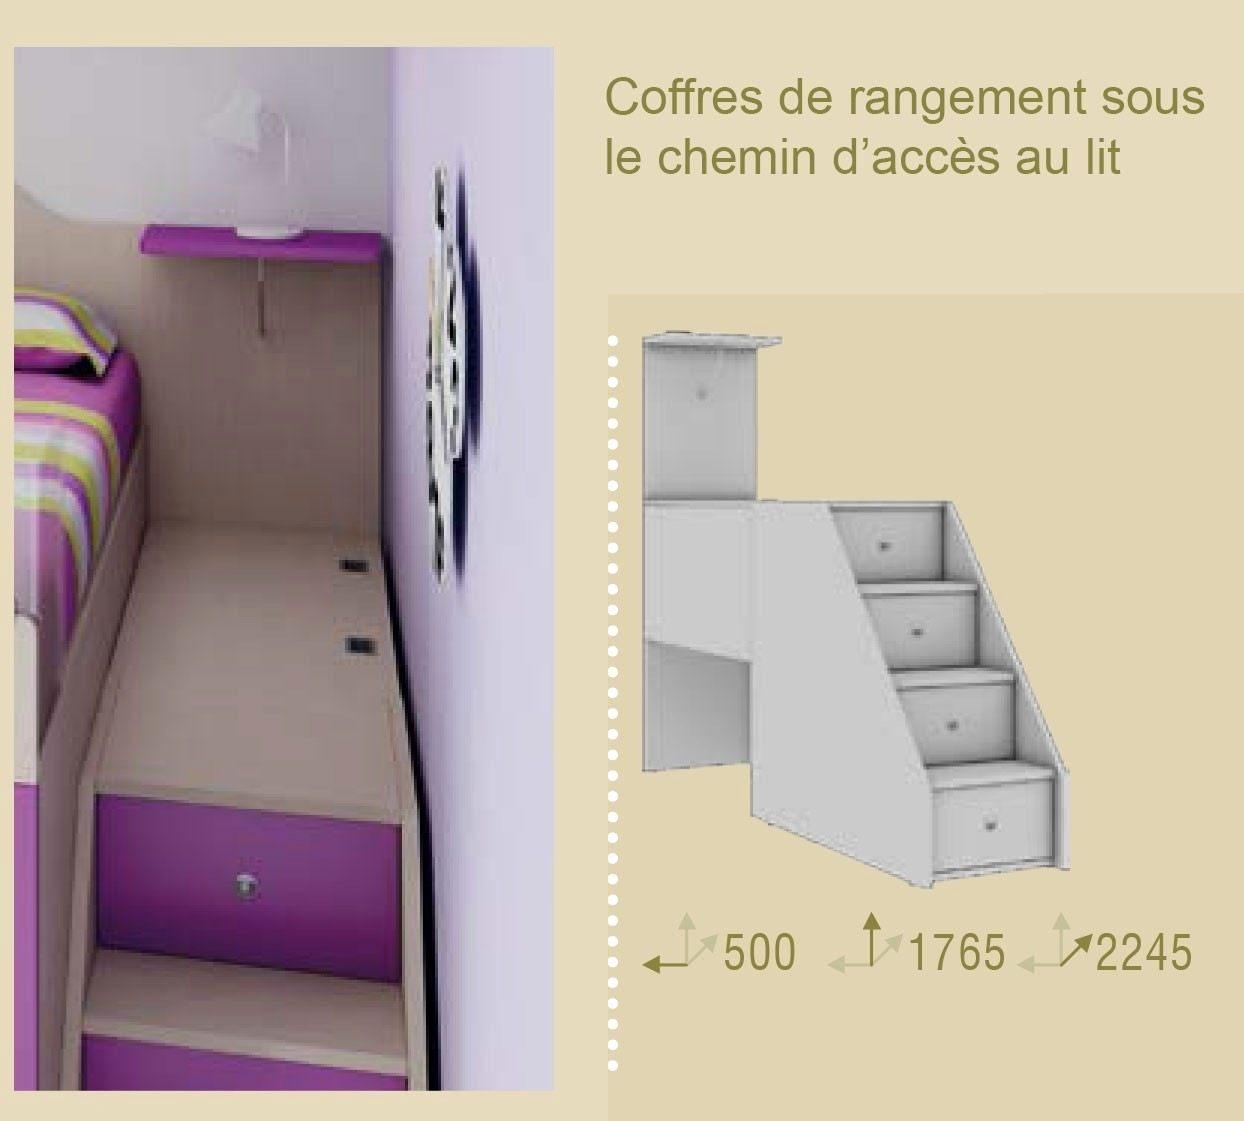 Lit A Rangement Agréable Escalier Avec Rangement Génial Lit Rangement Luxe Lit Avec Escalier